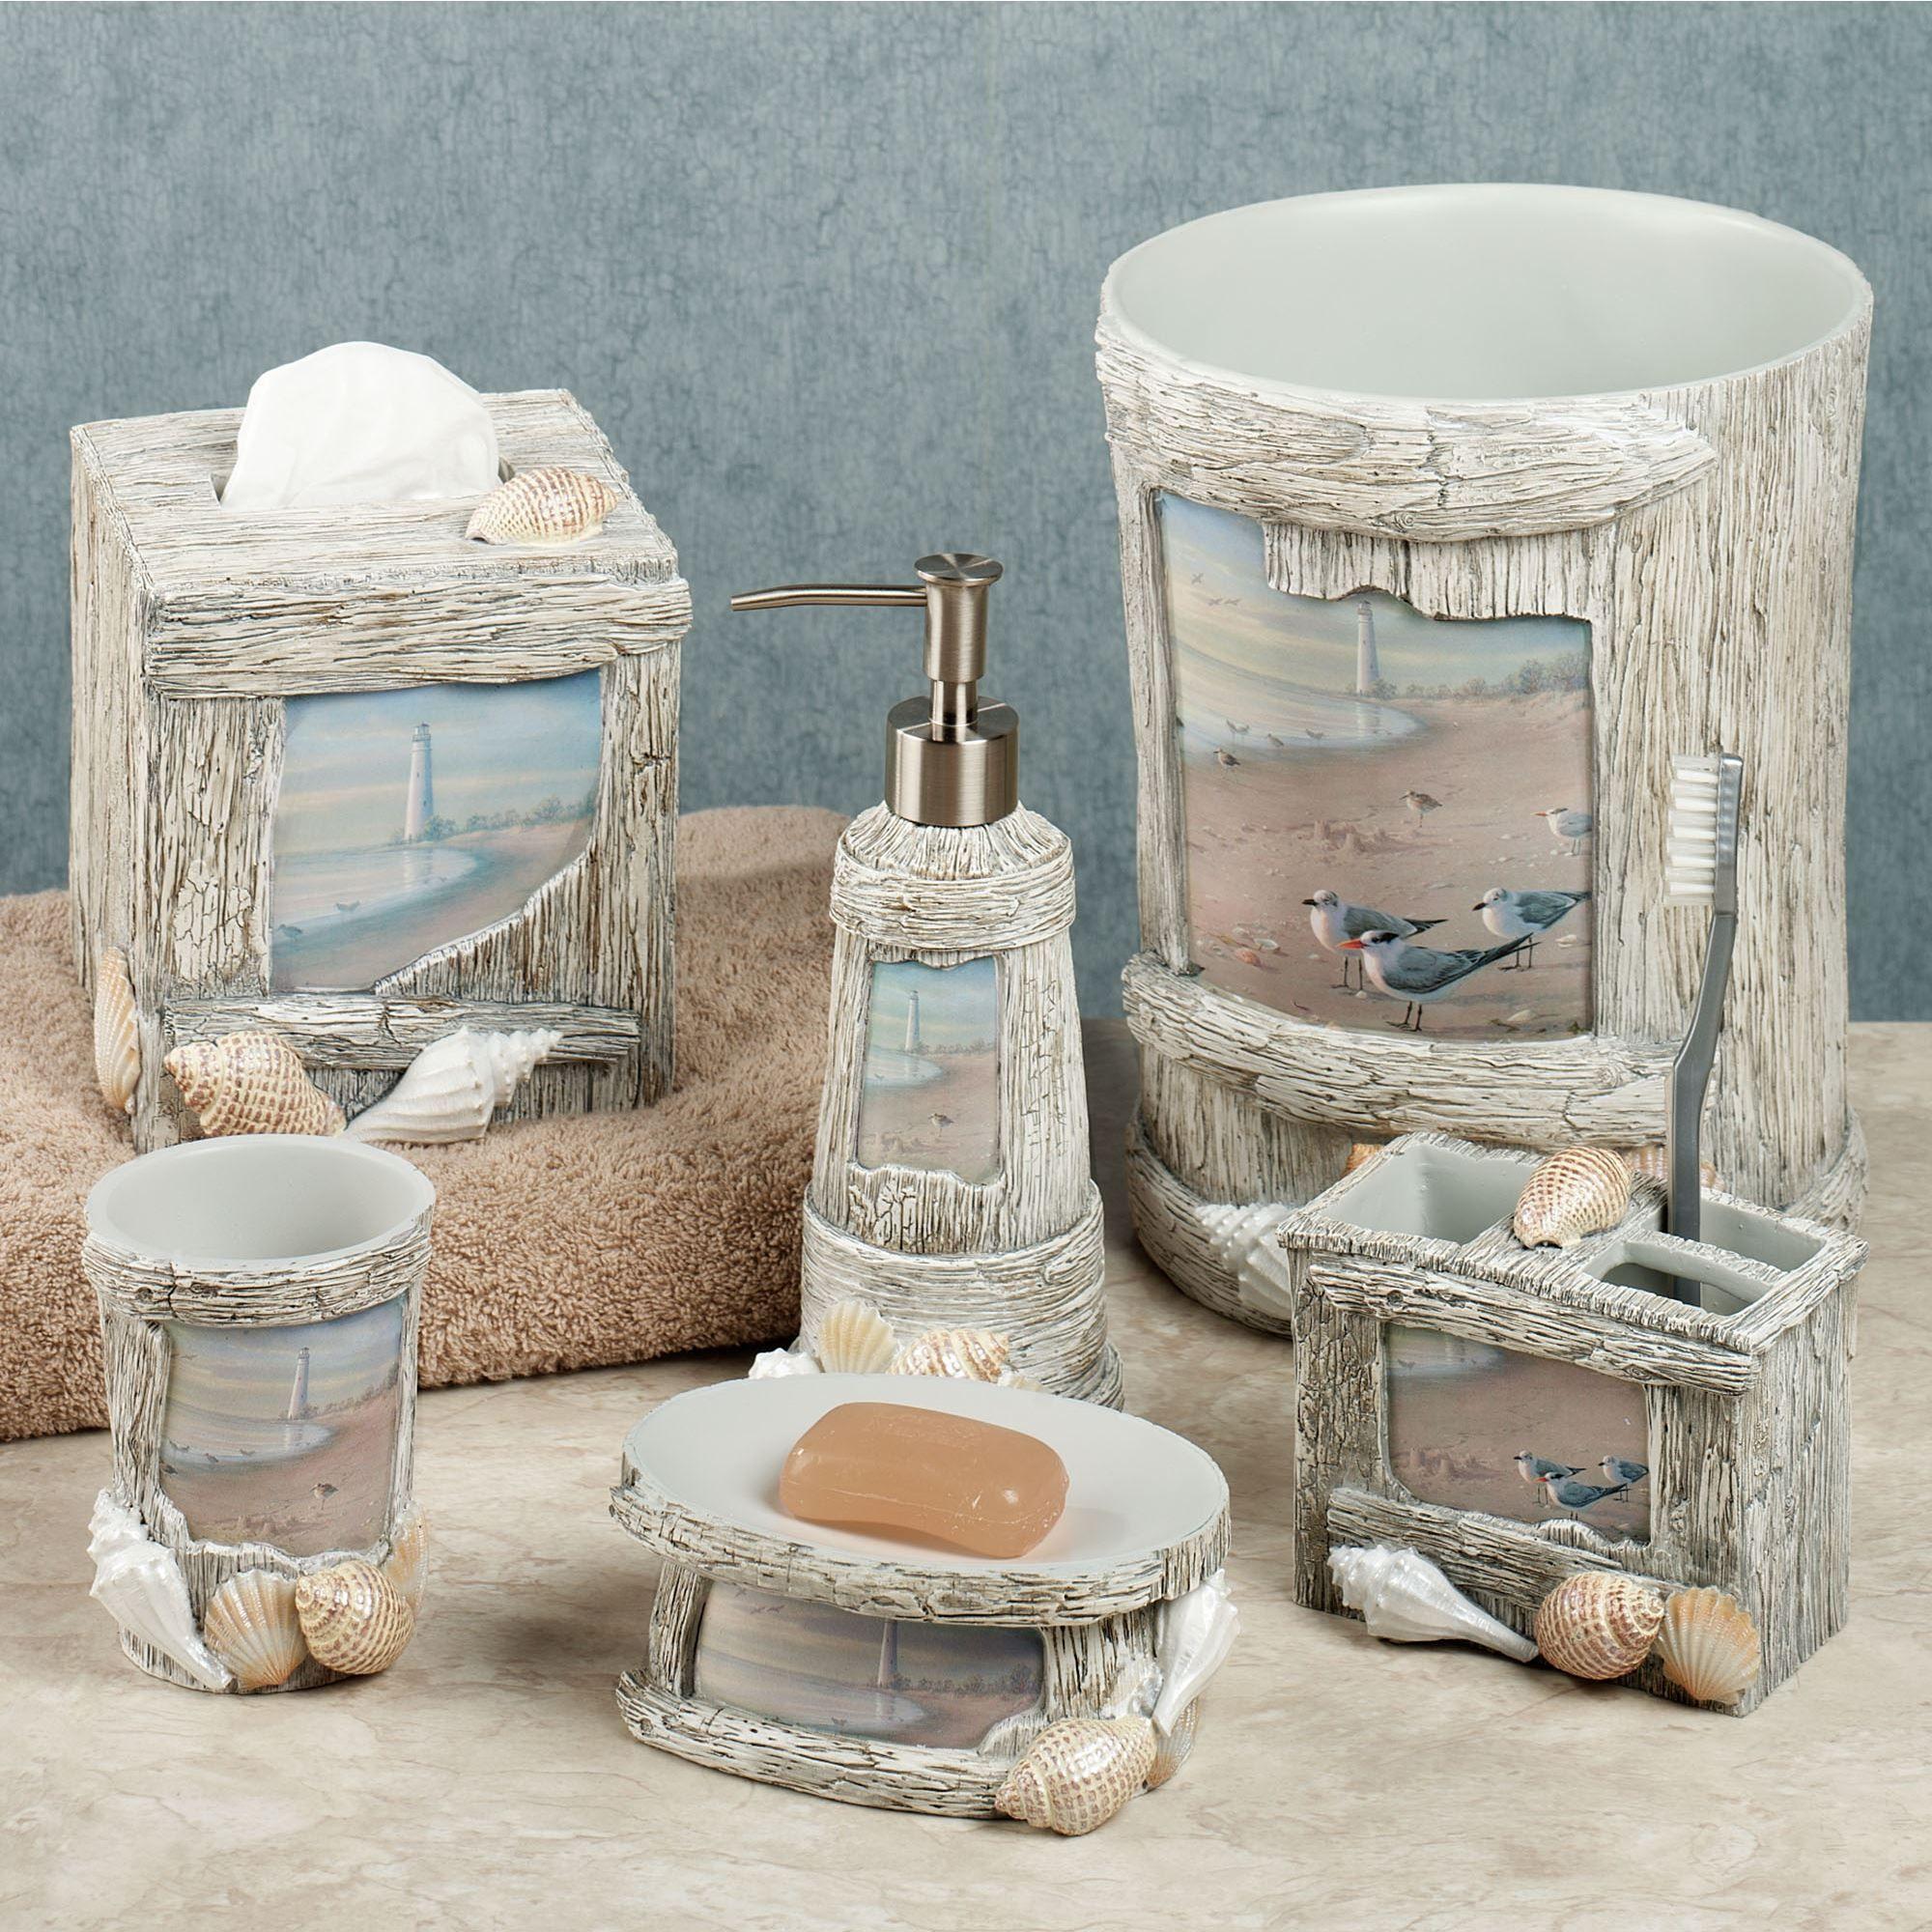 At The Beach Bath Accessories, Beach Bathroom Accessories